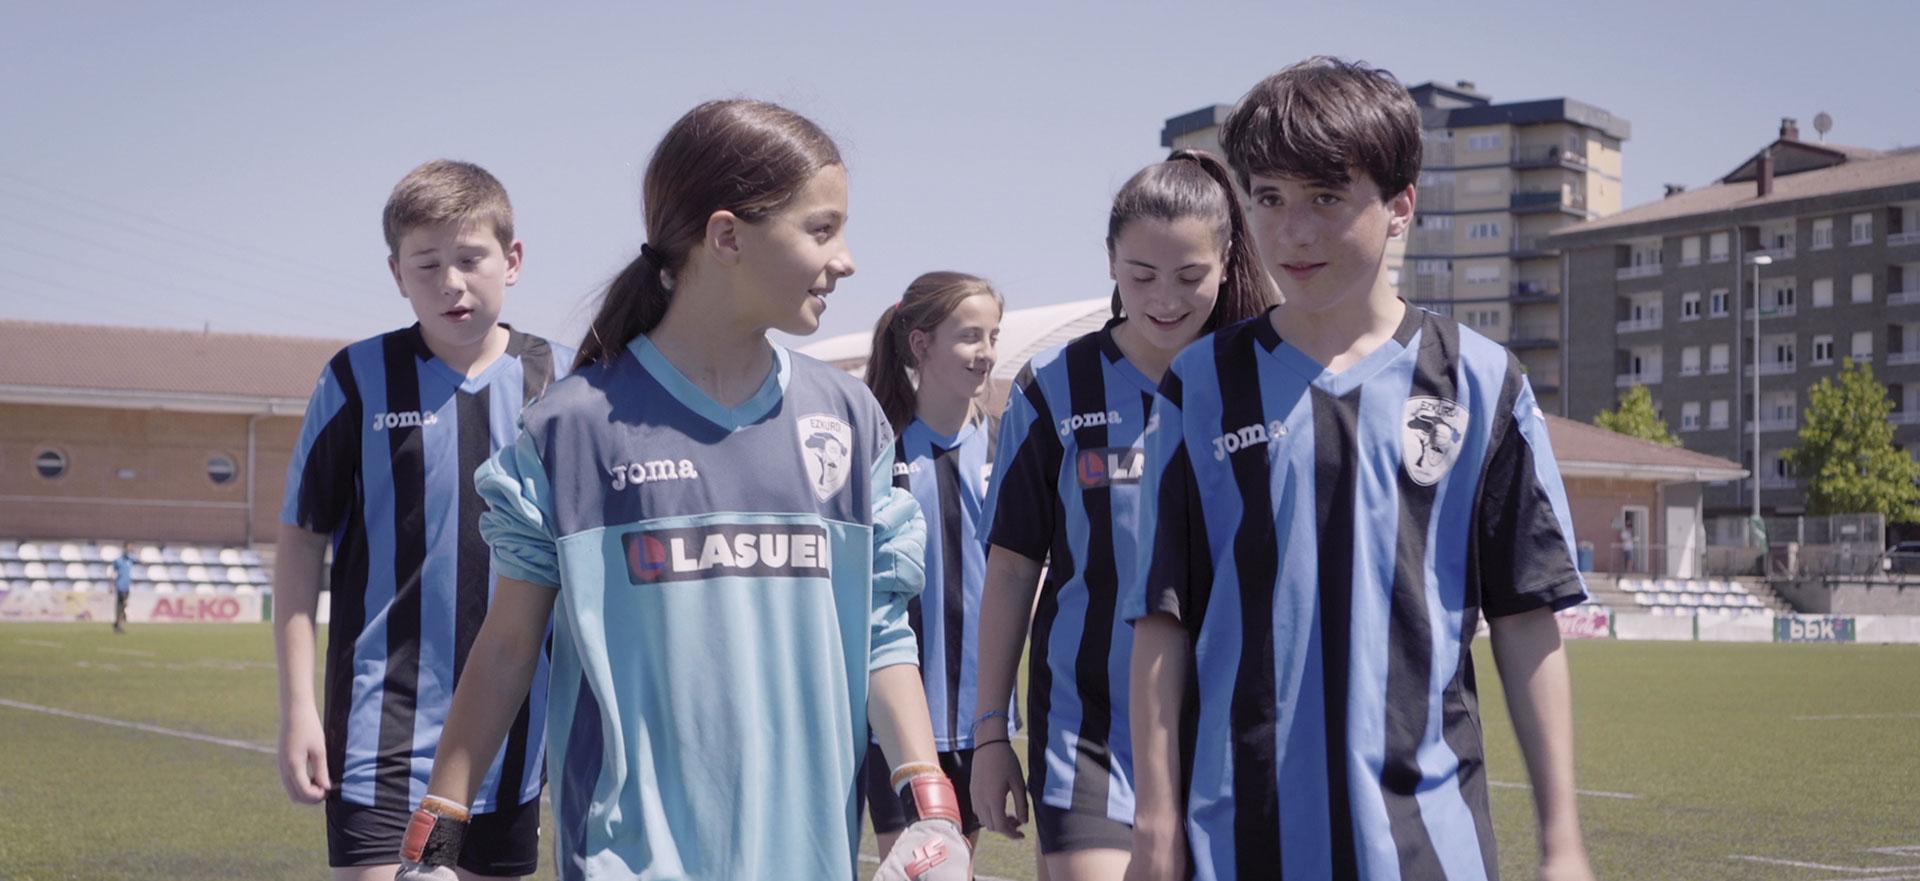 Video de Igualdad de Género en el Deporte